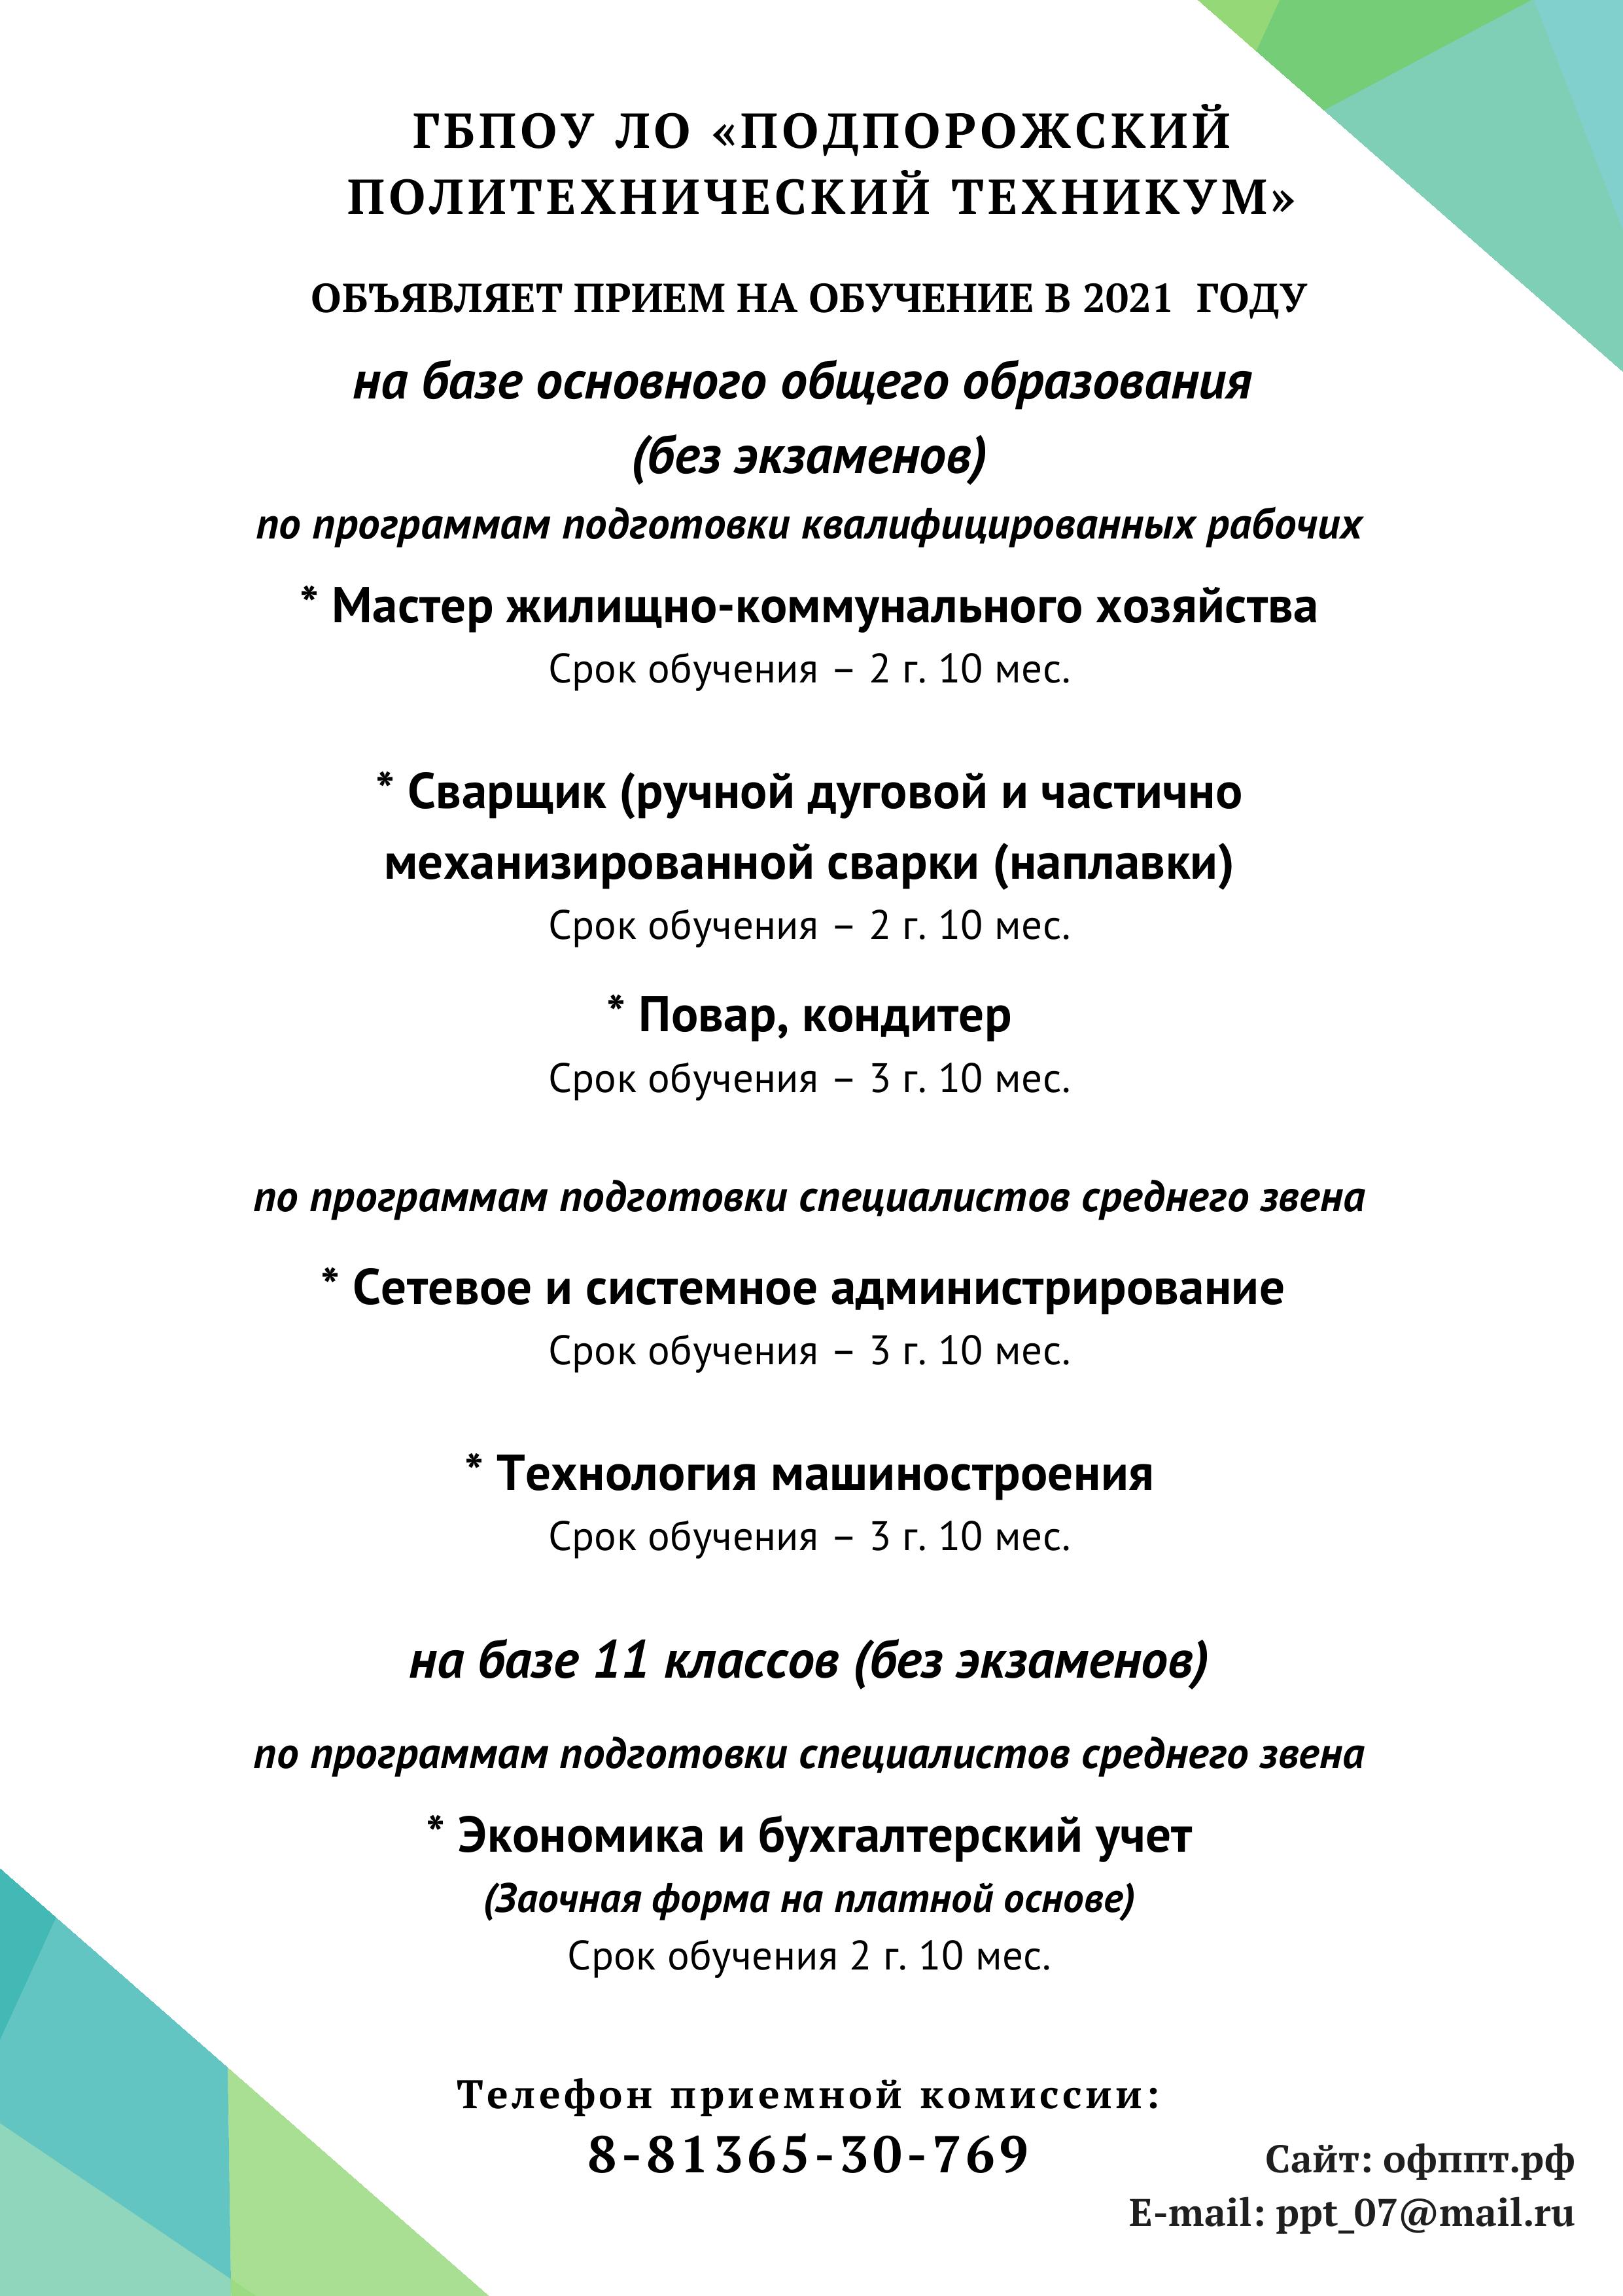 Объявления о приёме